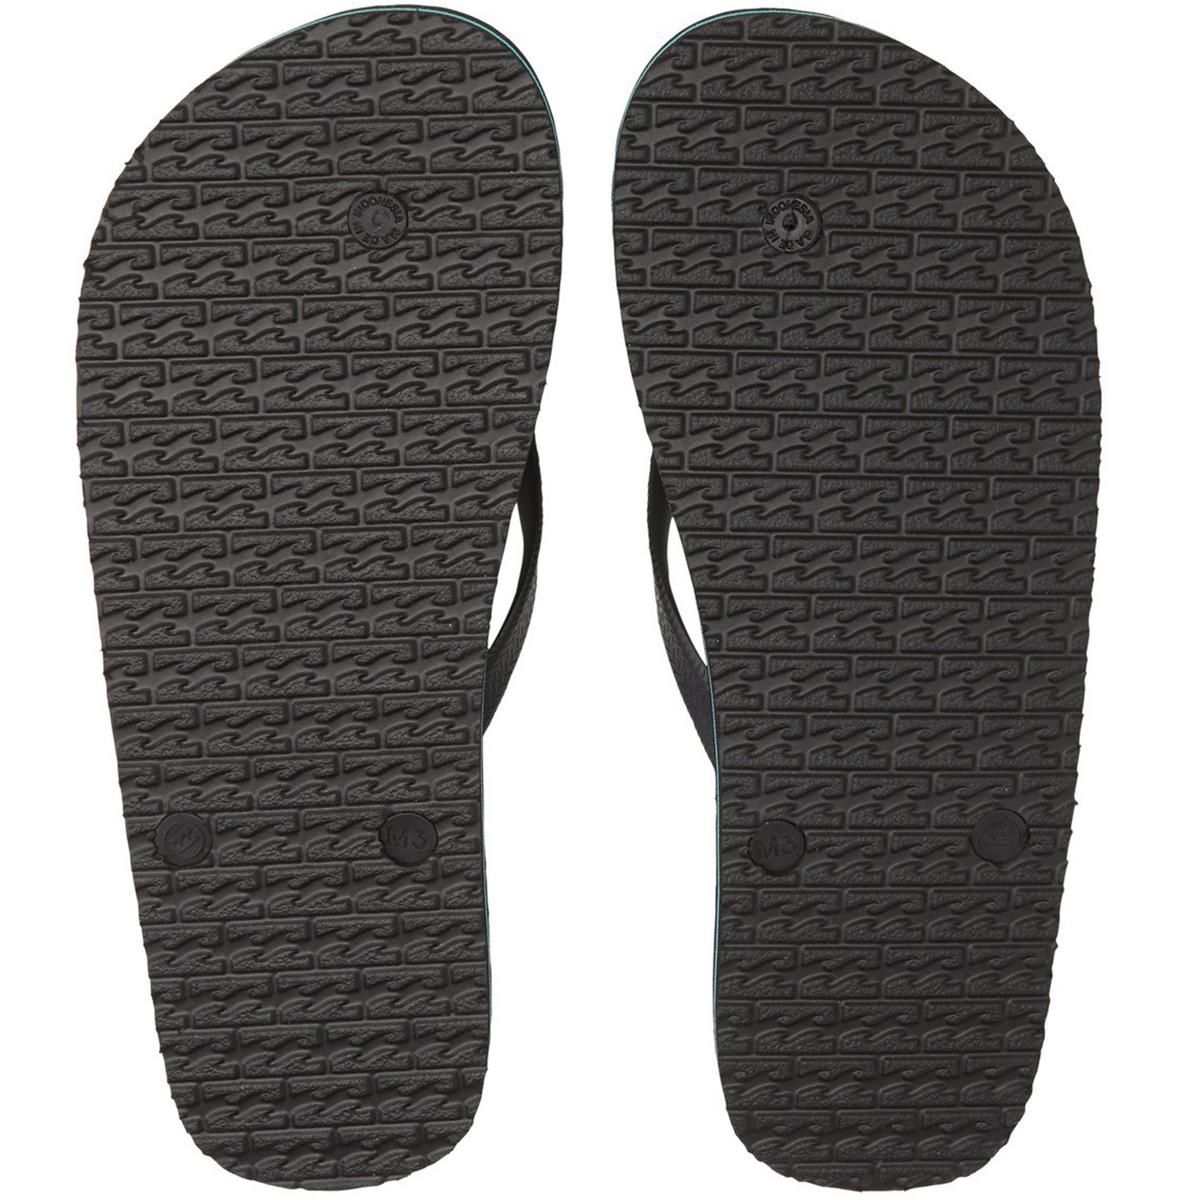 Каучуковые сандалии Billabong Tides Sundays